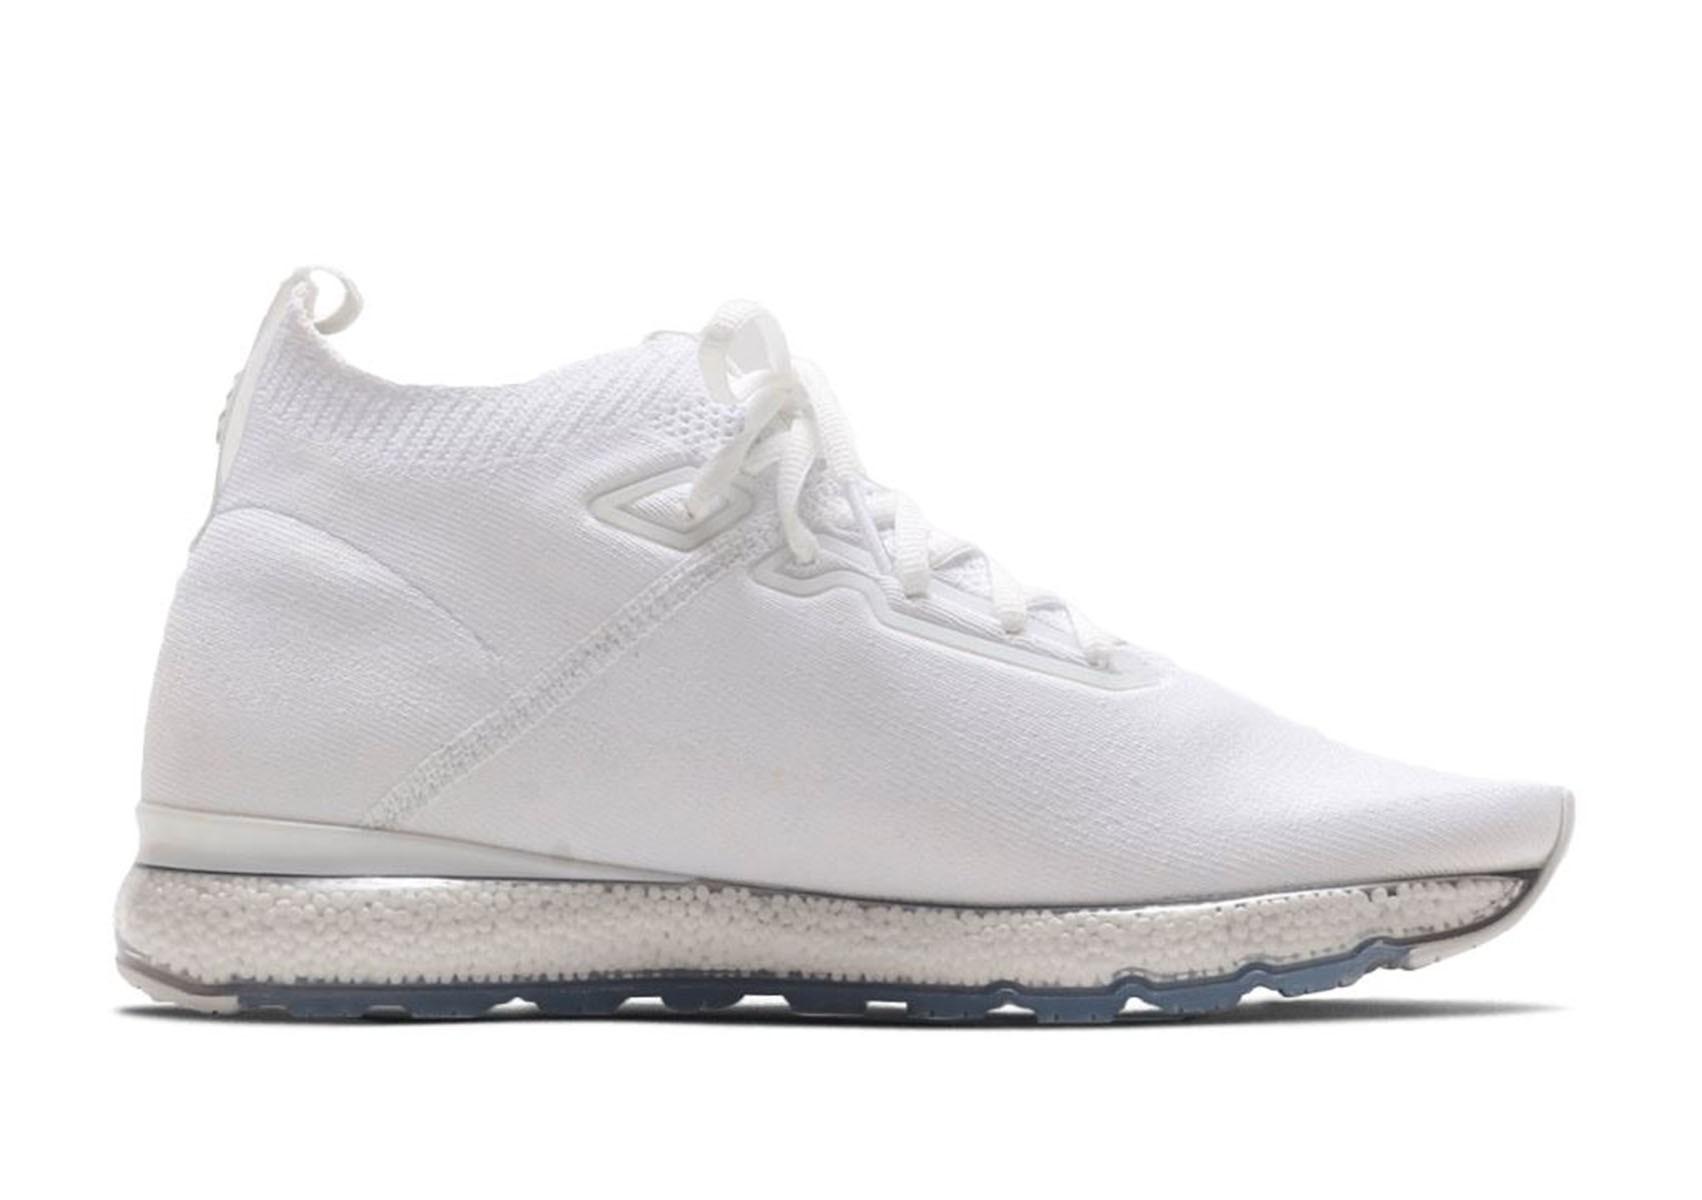 A Sneakers Puma Bianco In Tessuto Uomo Scarpe Alto Collo Jamming gRTwnH1Sxq d6bde081f21